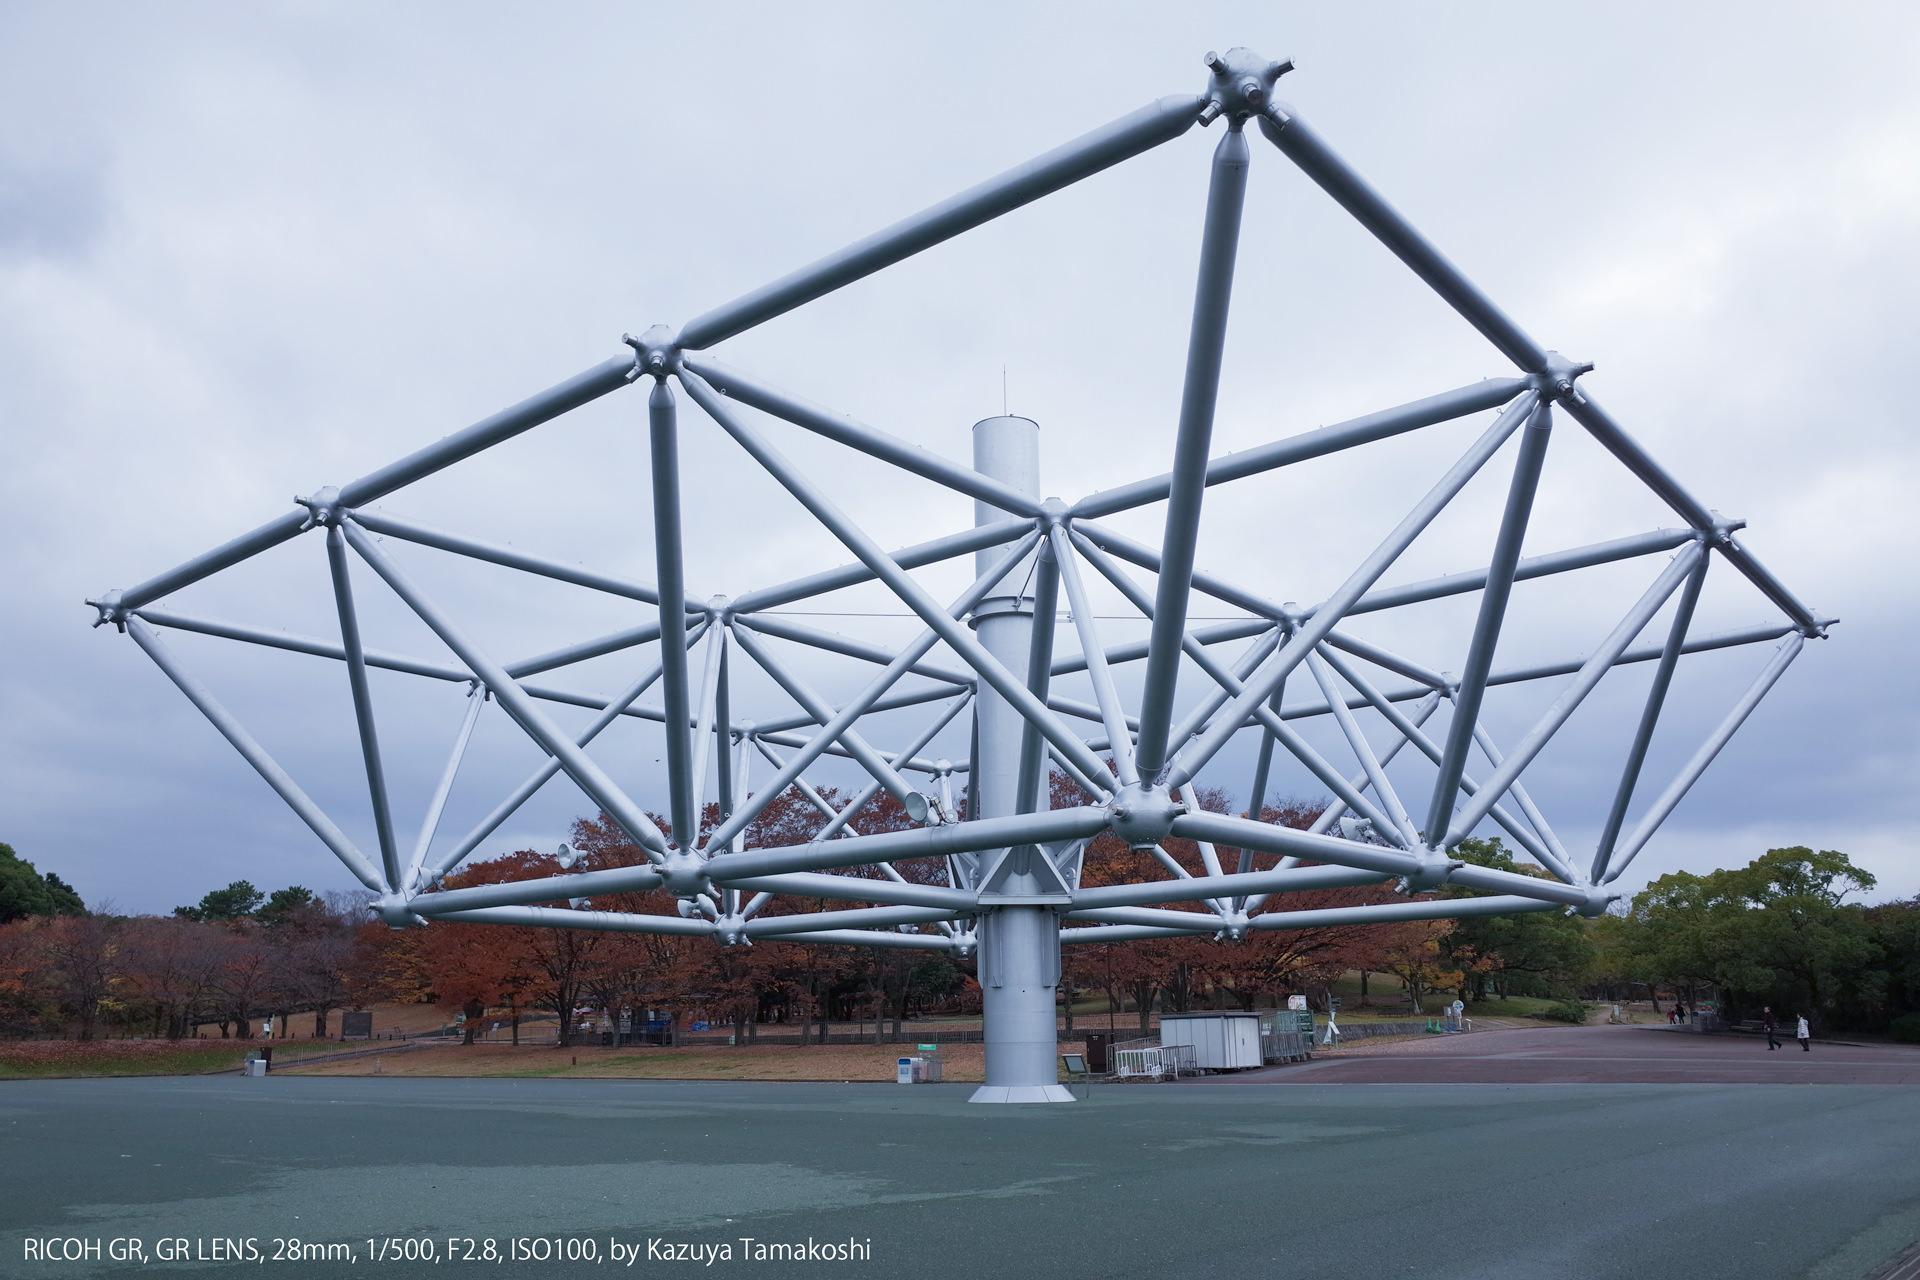 曇り空の万博記念公園のモニュメントの写真